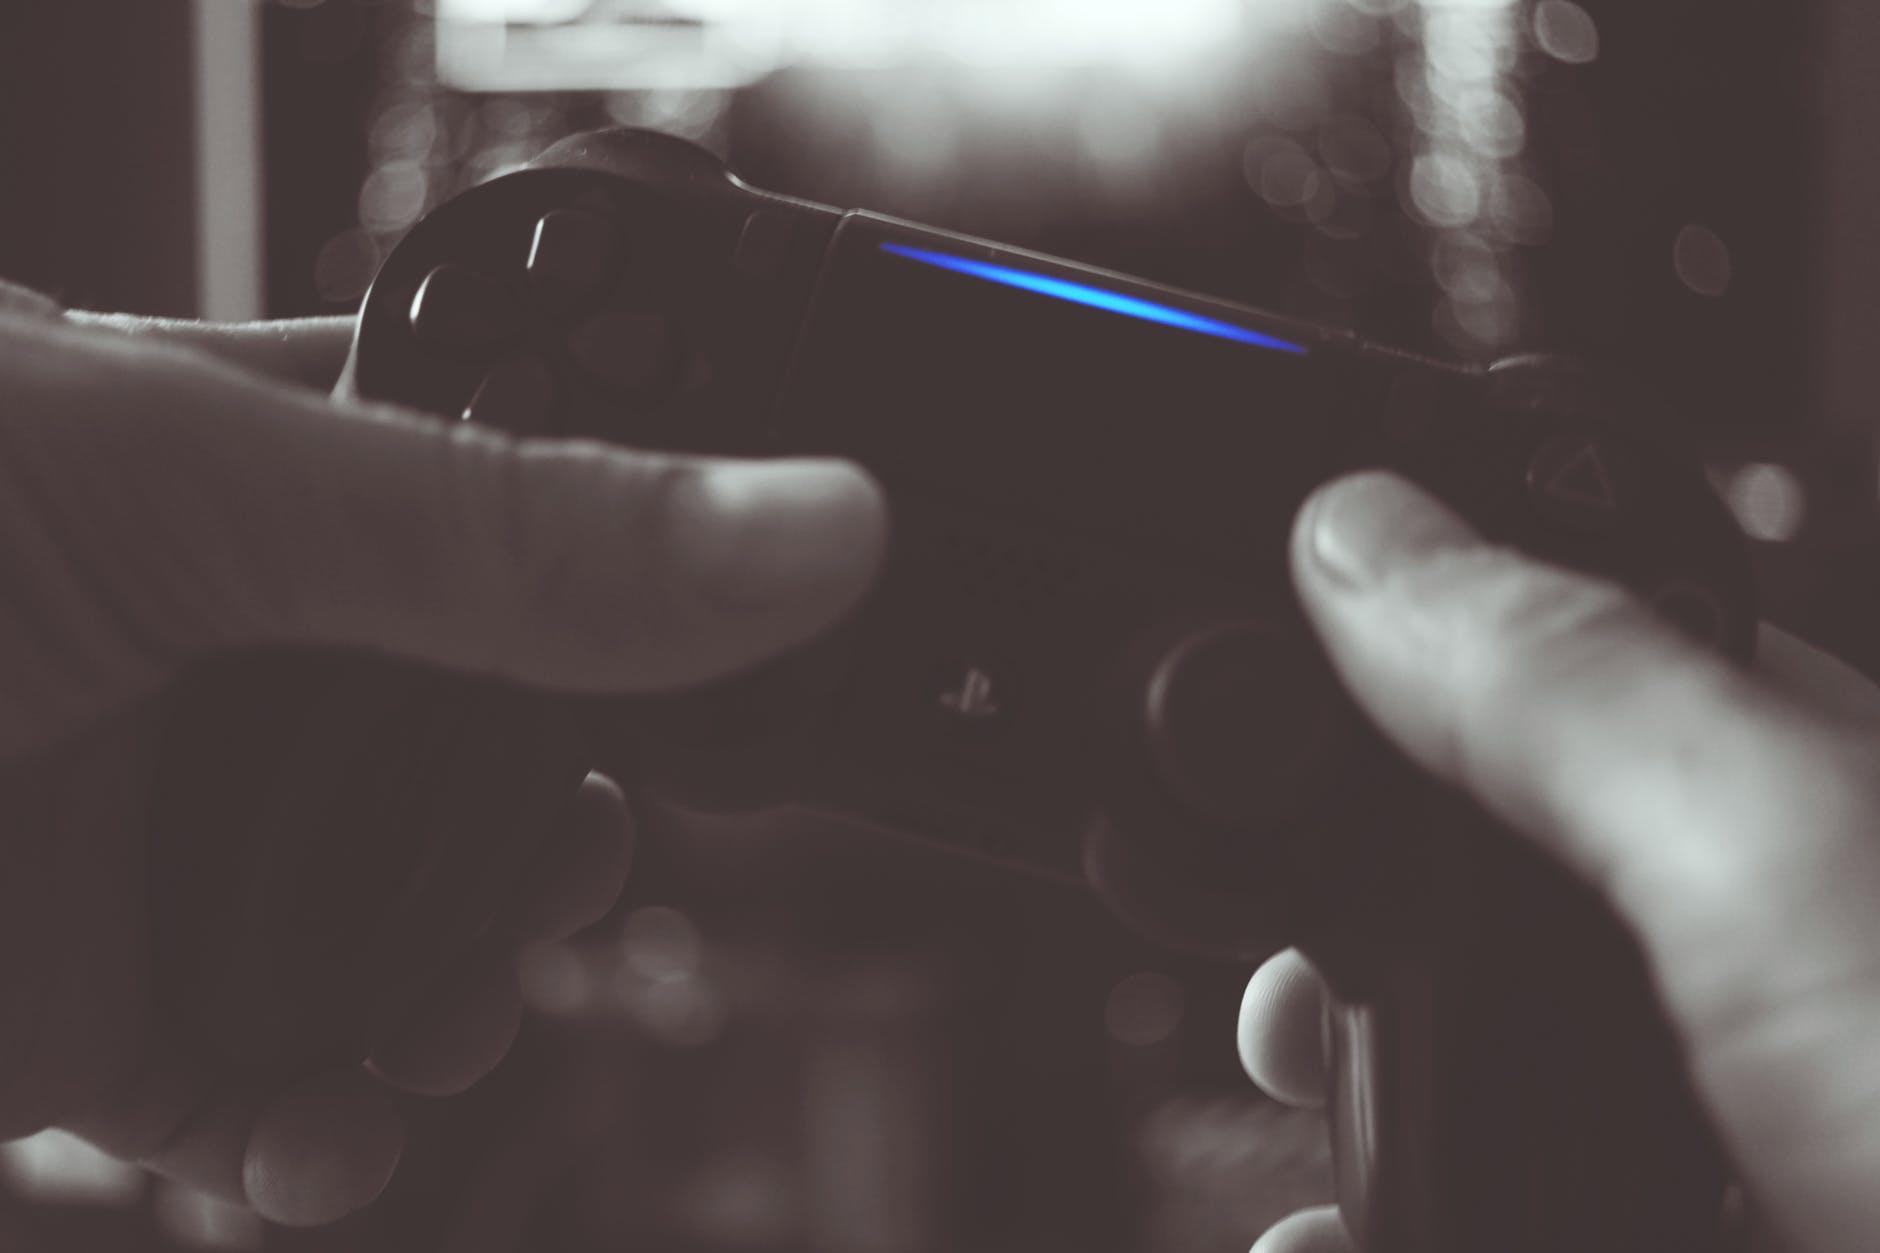 Rozwiewamy plotki o Playstation 5